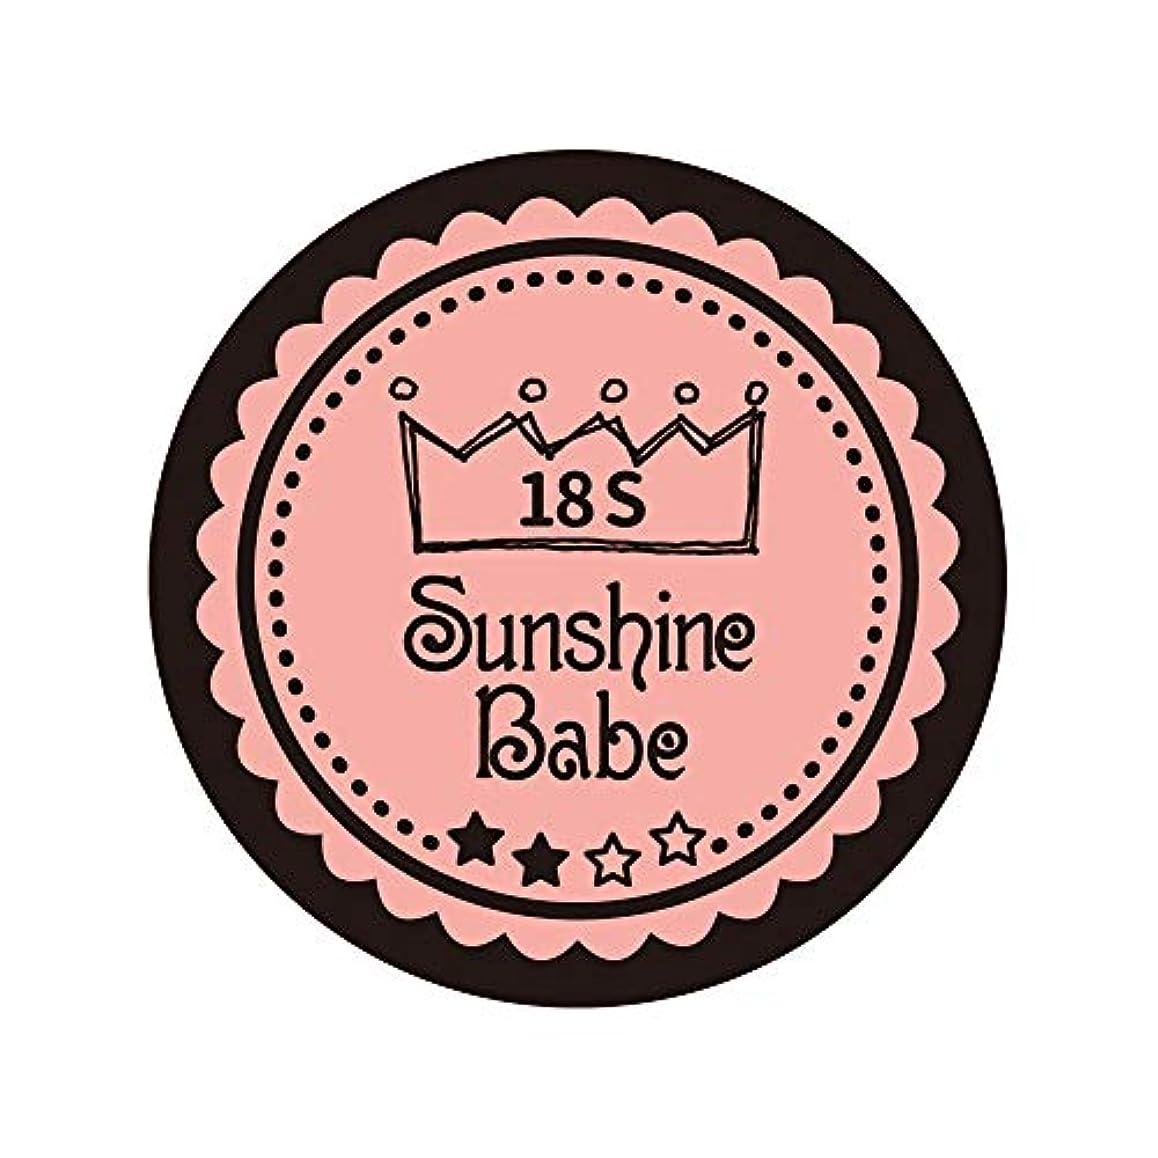 粉砕する終了しましたホテルSunshine Babe コスメティックカラー 18S ロマンティックベリー 4g UV/LED対応